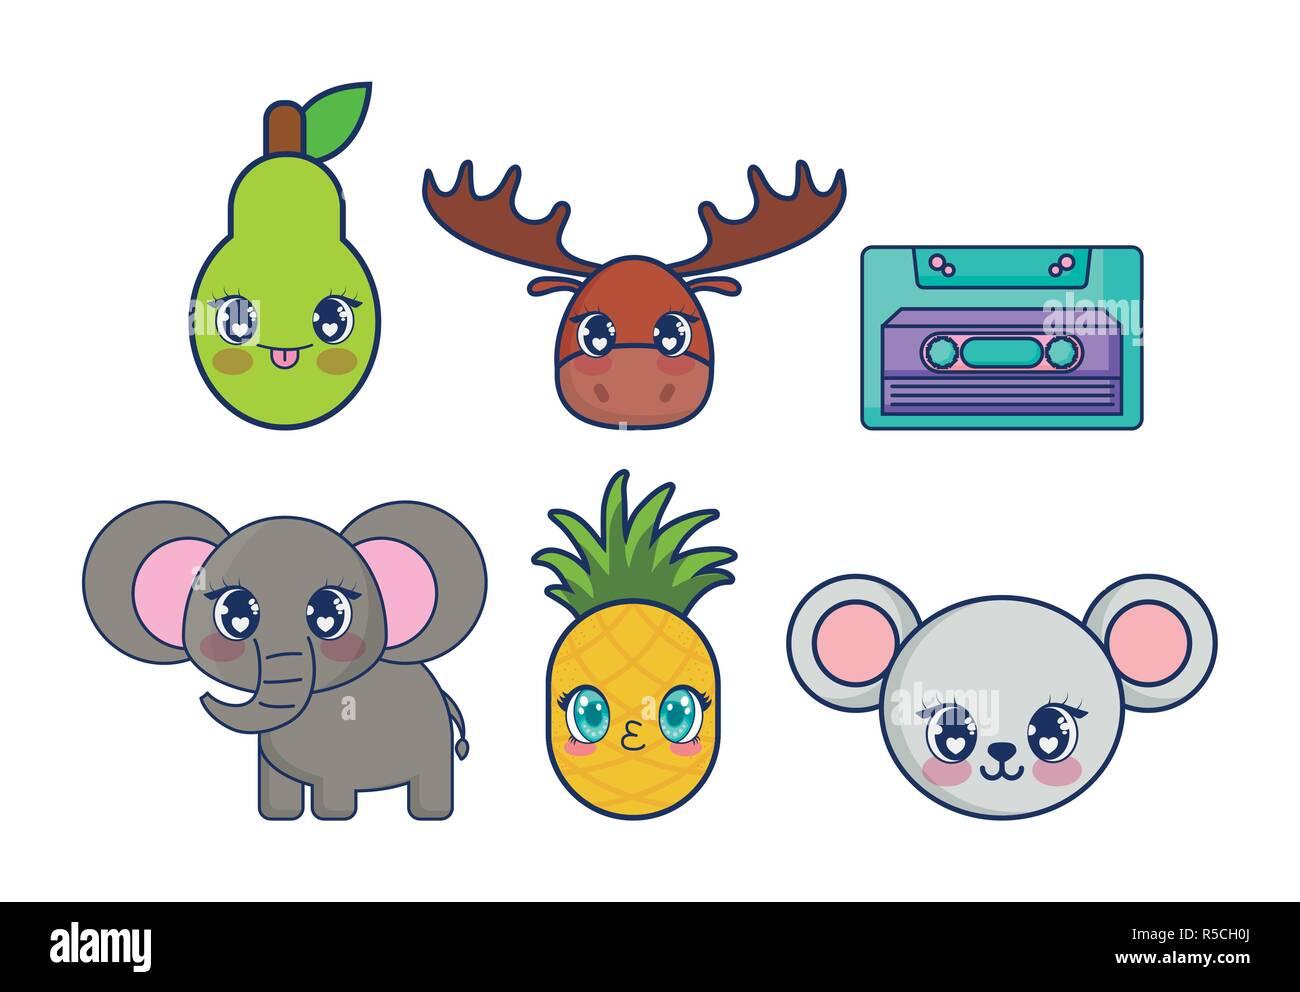 Dulces Y Adorables Personajes Juego Kawaii Diseno Ilustracion